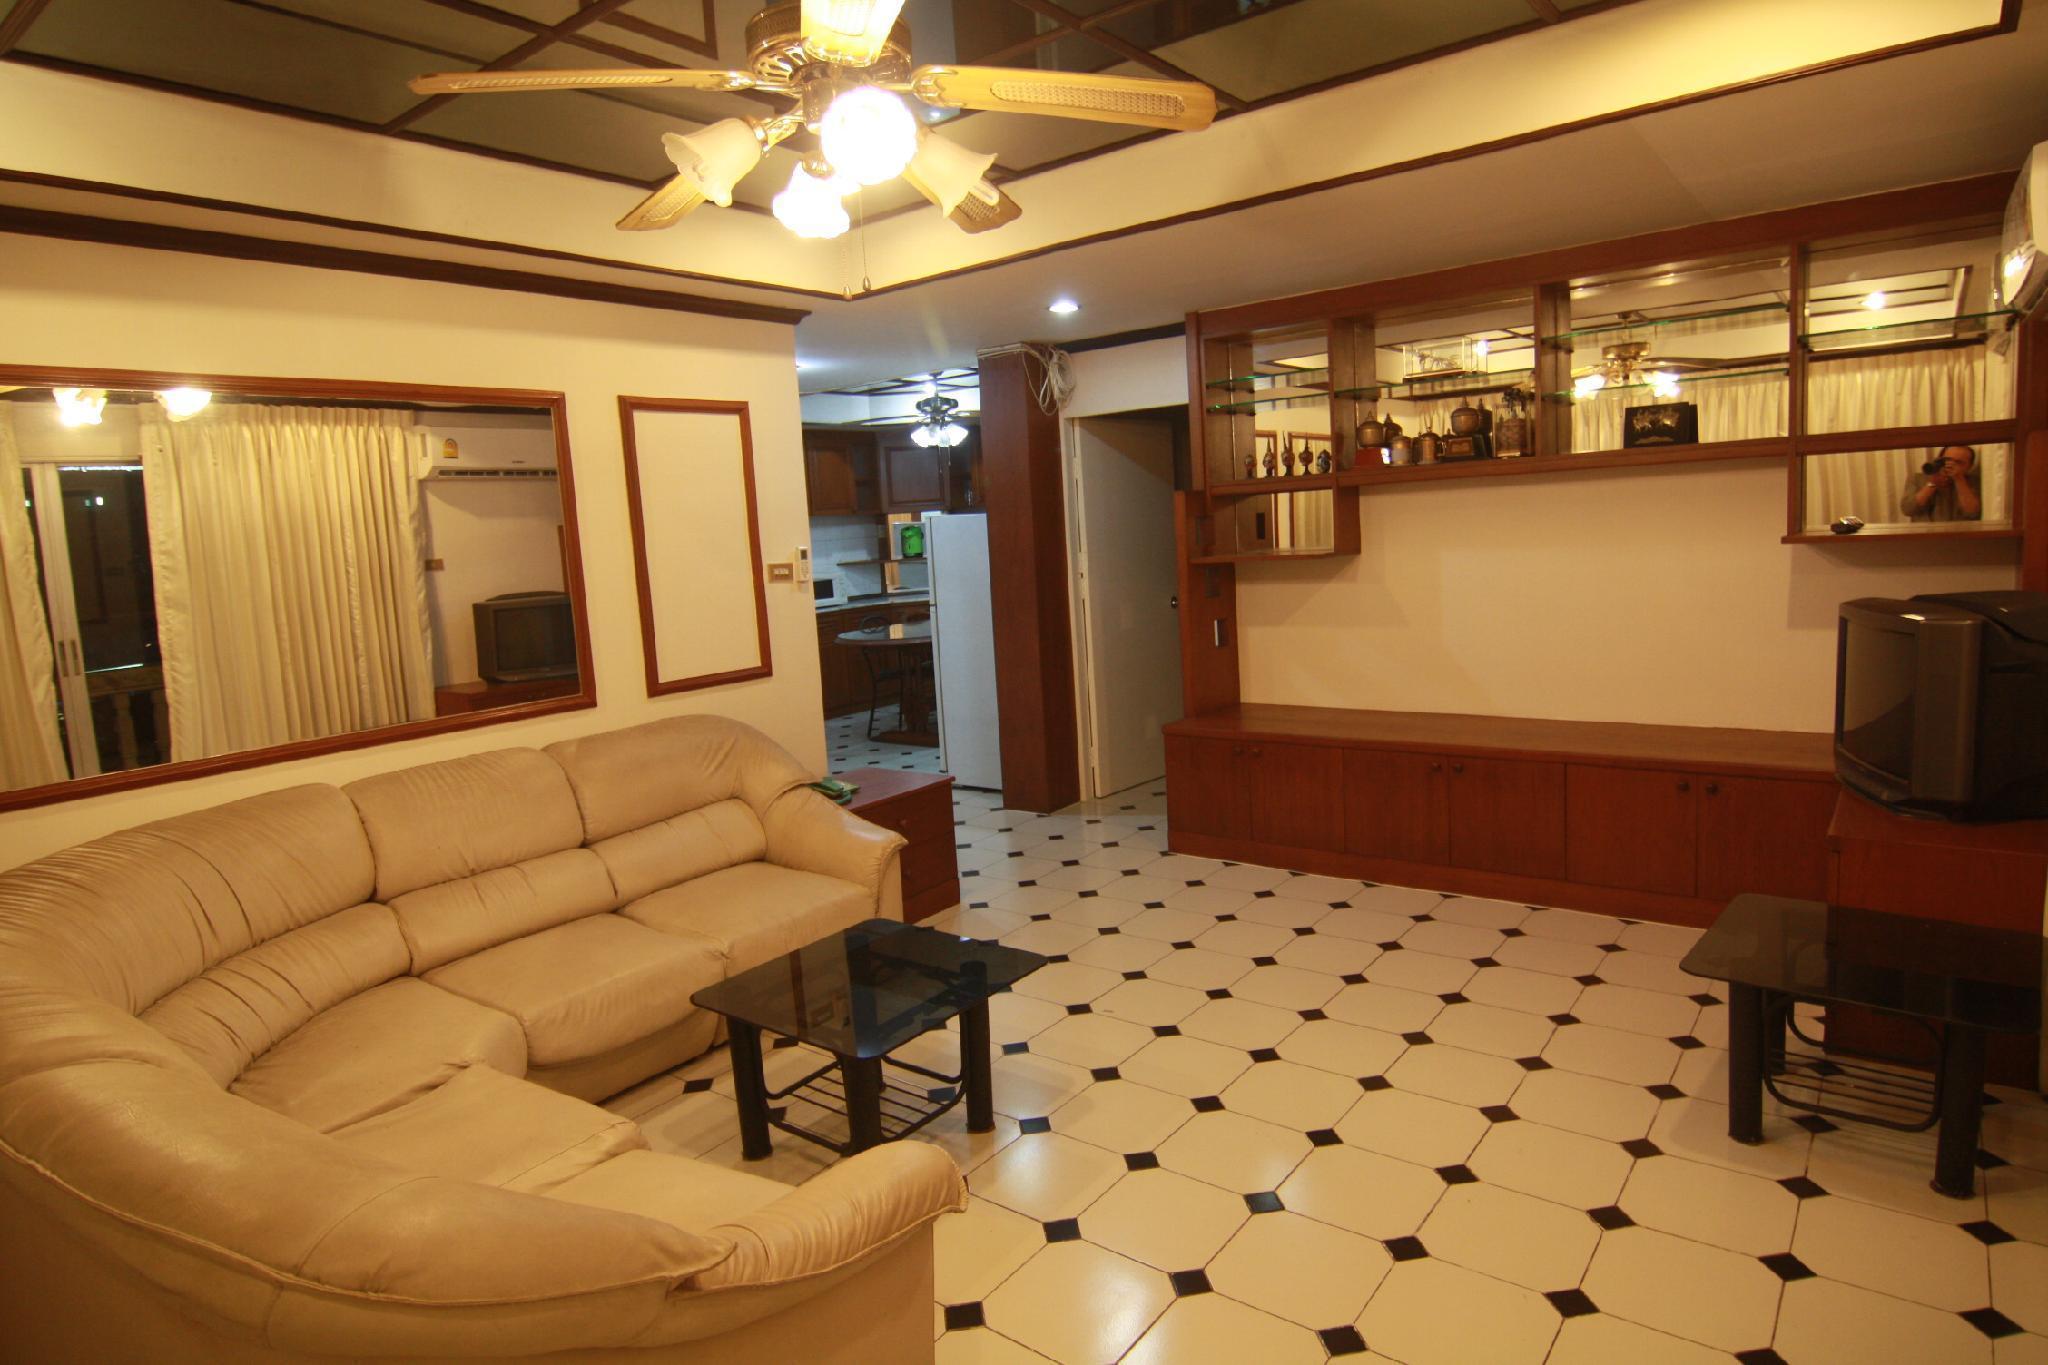 pattaya tower Room 802 อพาร์ตเมนต์ 2 ห้องนอน 2 ห้องน้ำส่วนตัว ขนาด 105 ตร.ม. – ถนนเลียบชายหาด